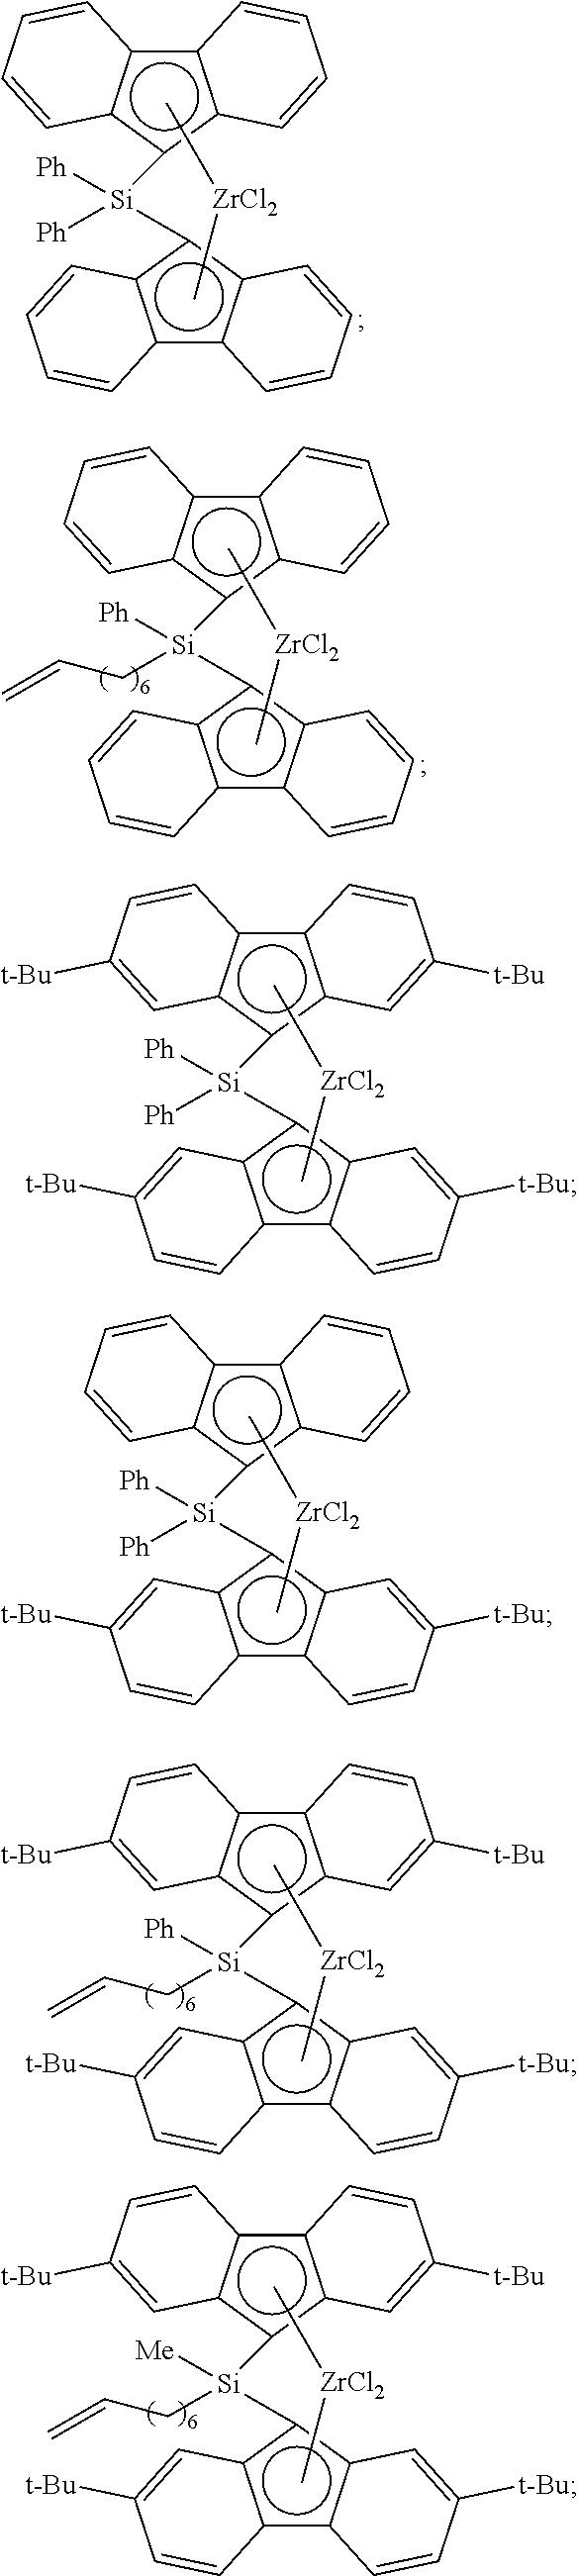 Figure US08609793-20131217-C00027